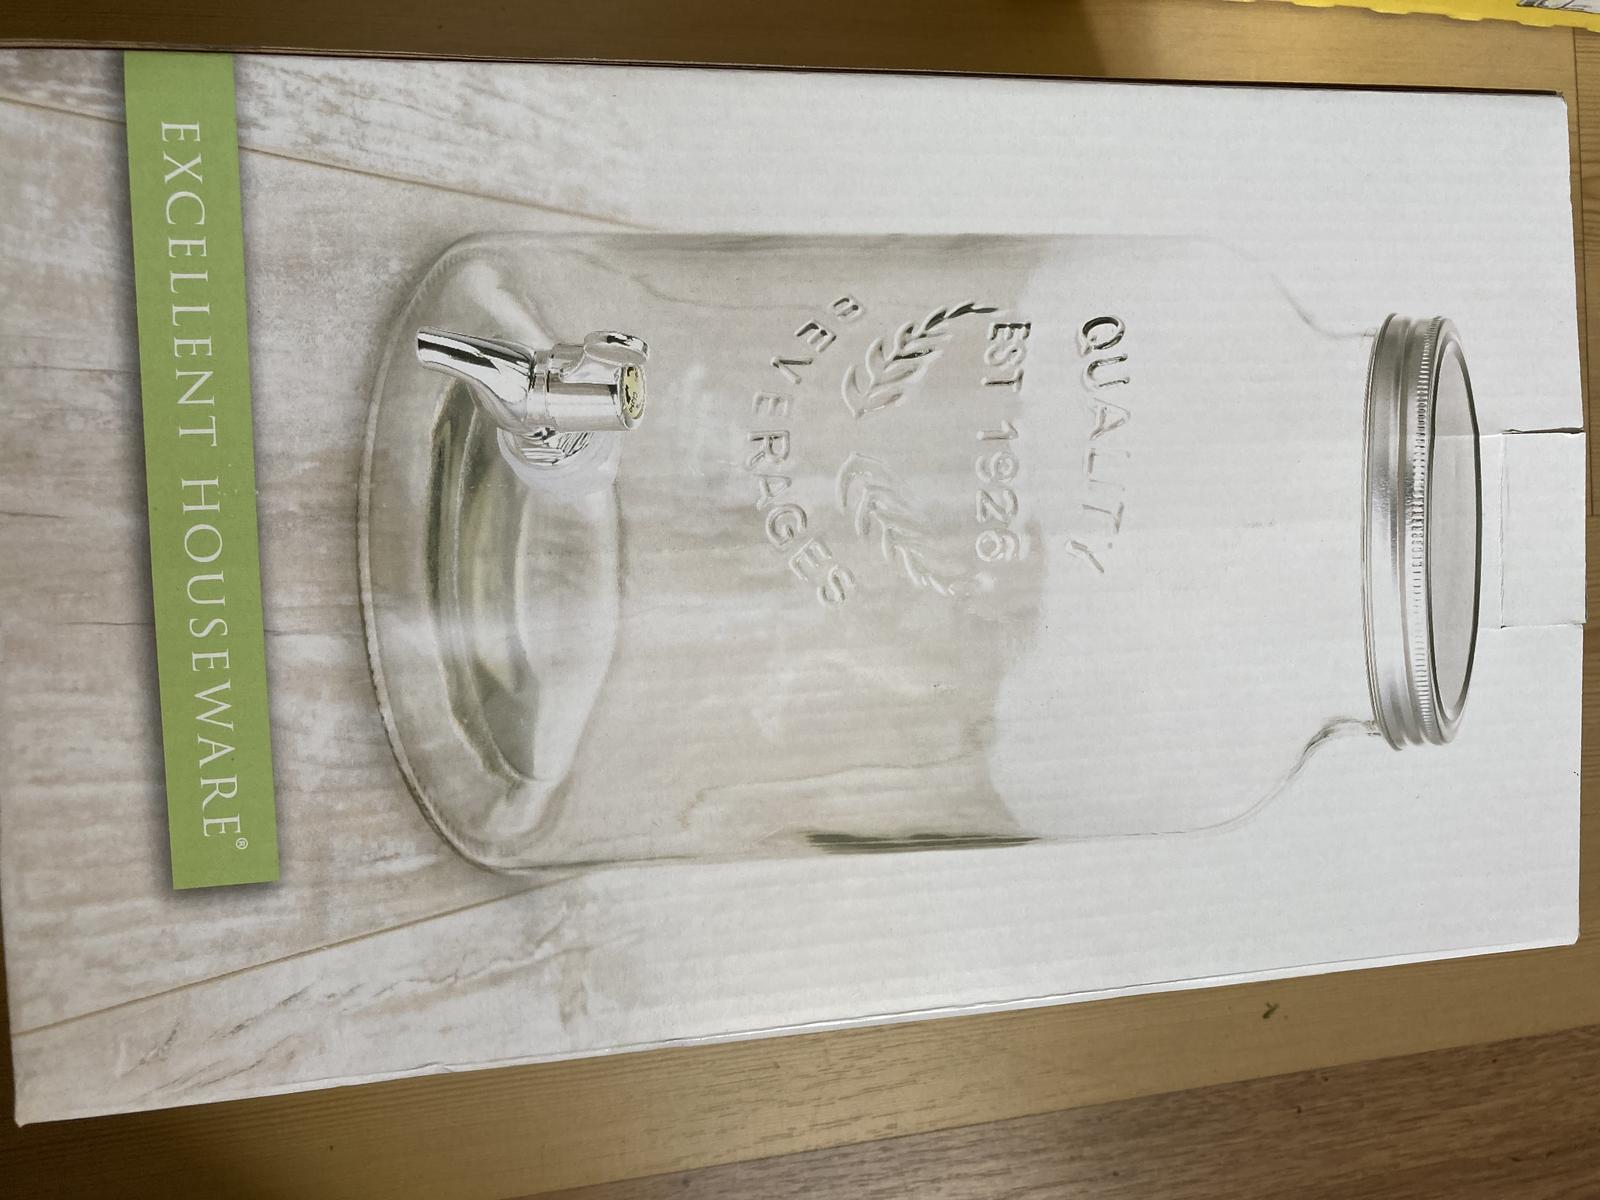 velké sklenice na vodu s kohoutkem - Obrázek č. 1